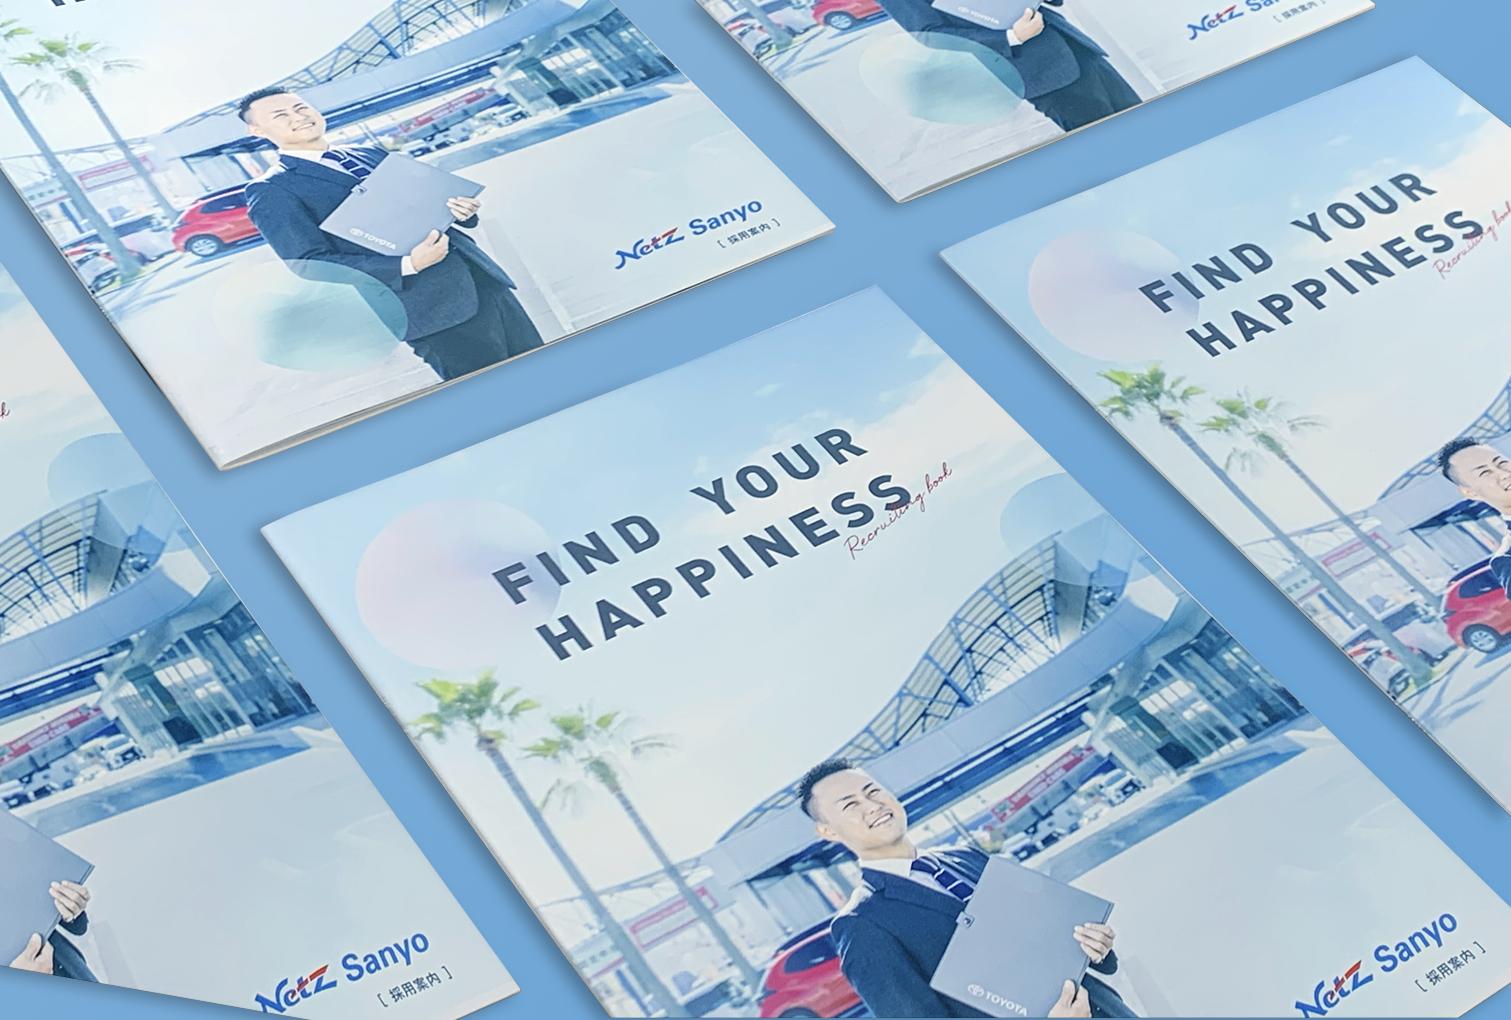 ネッツトヨタ山陽株式会社様 NEW HARRIER Debut! LP・Web広告